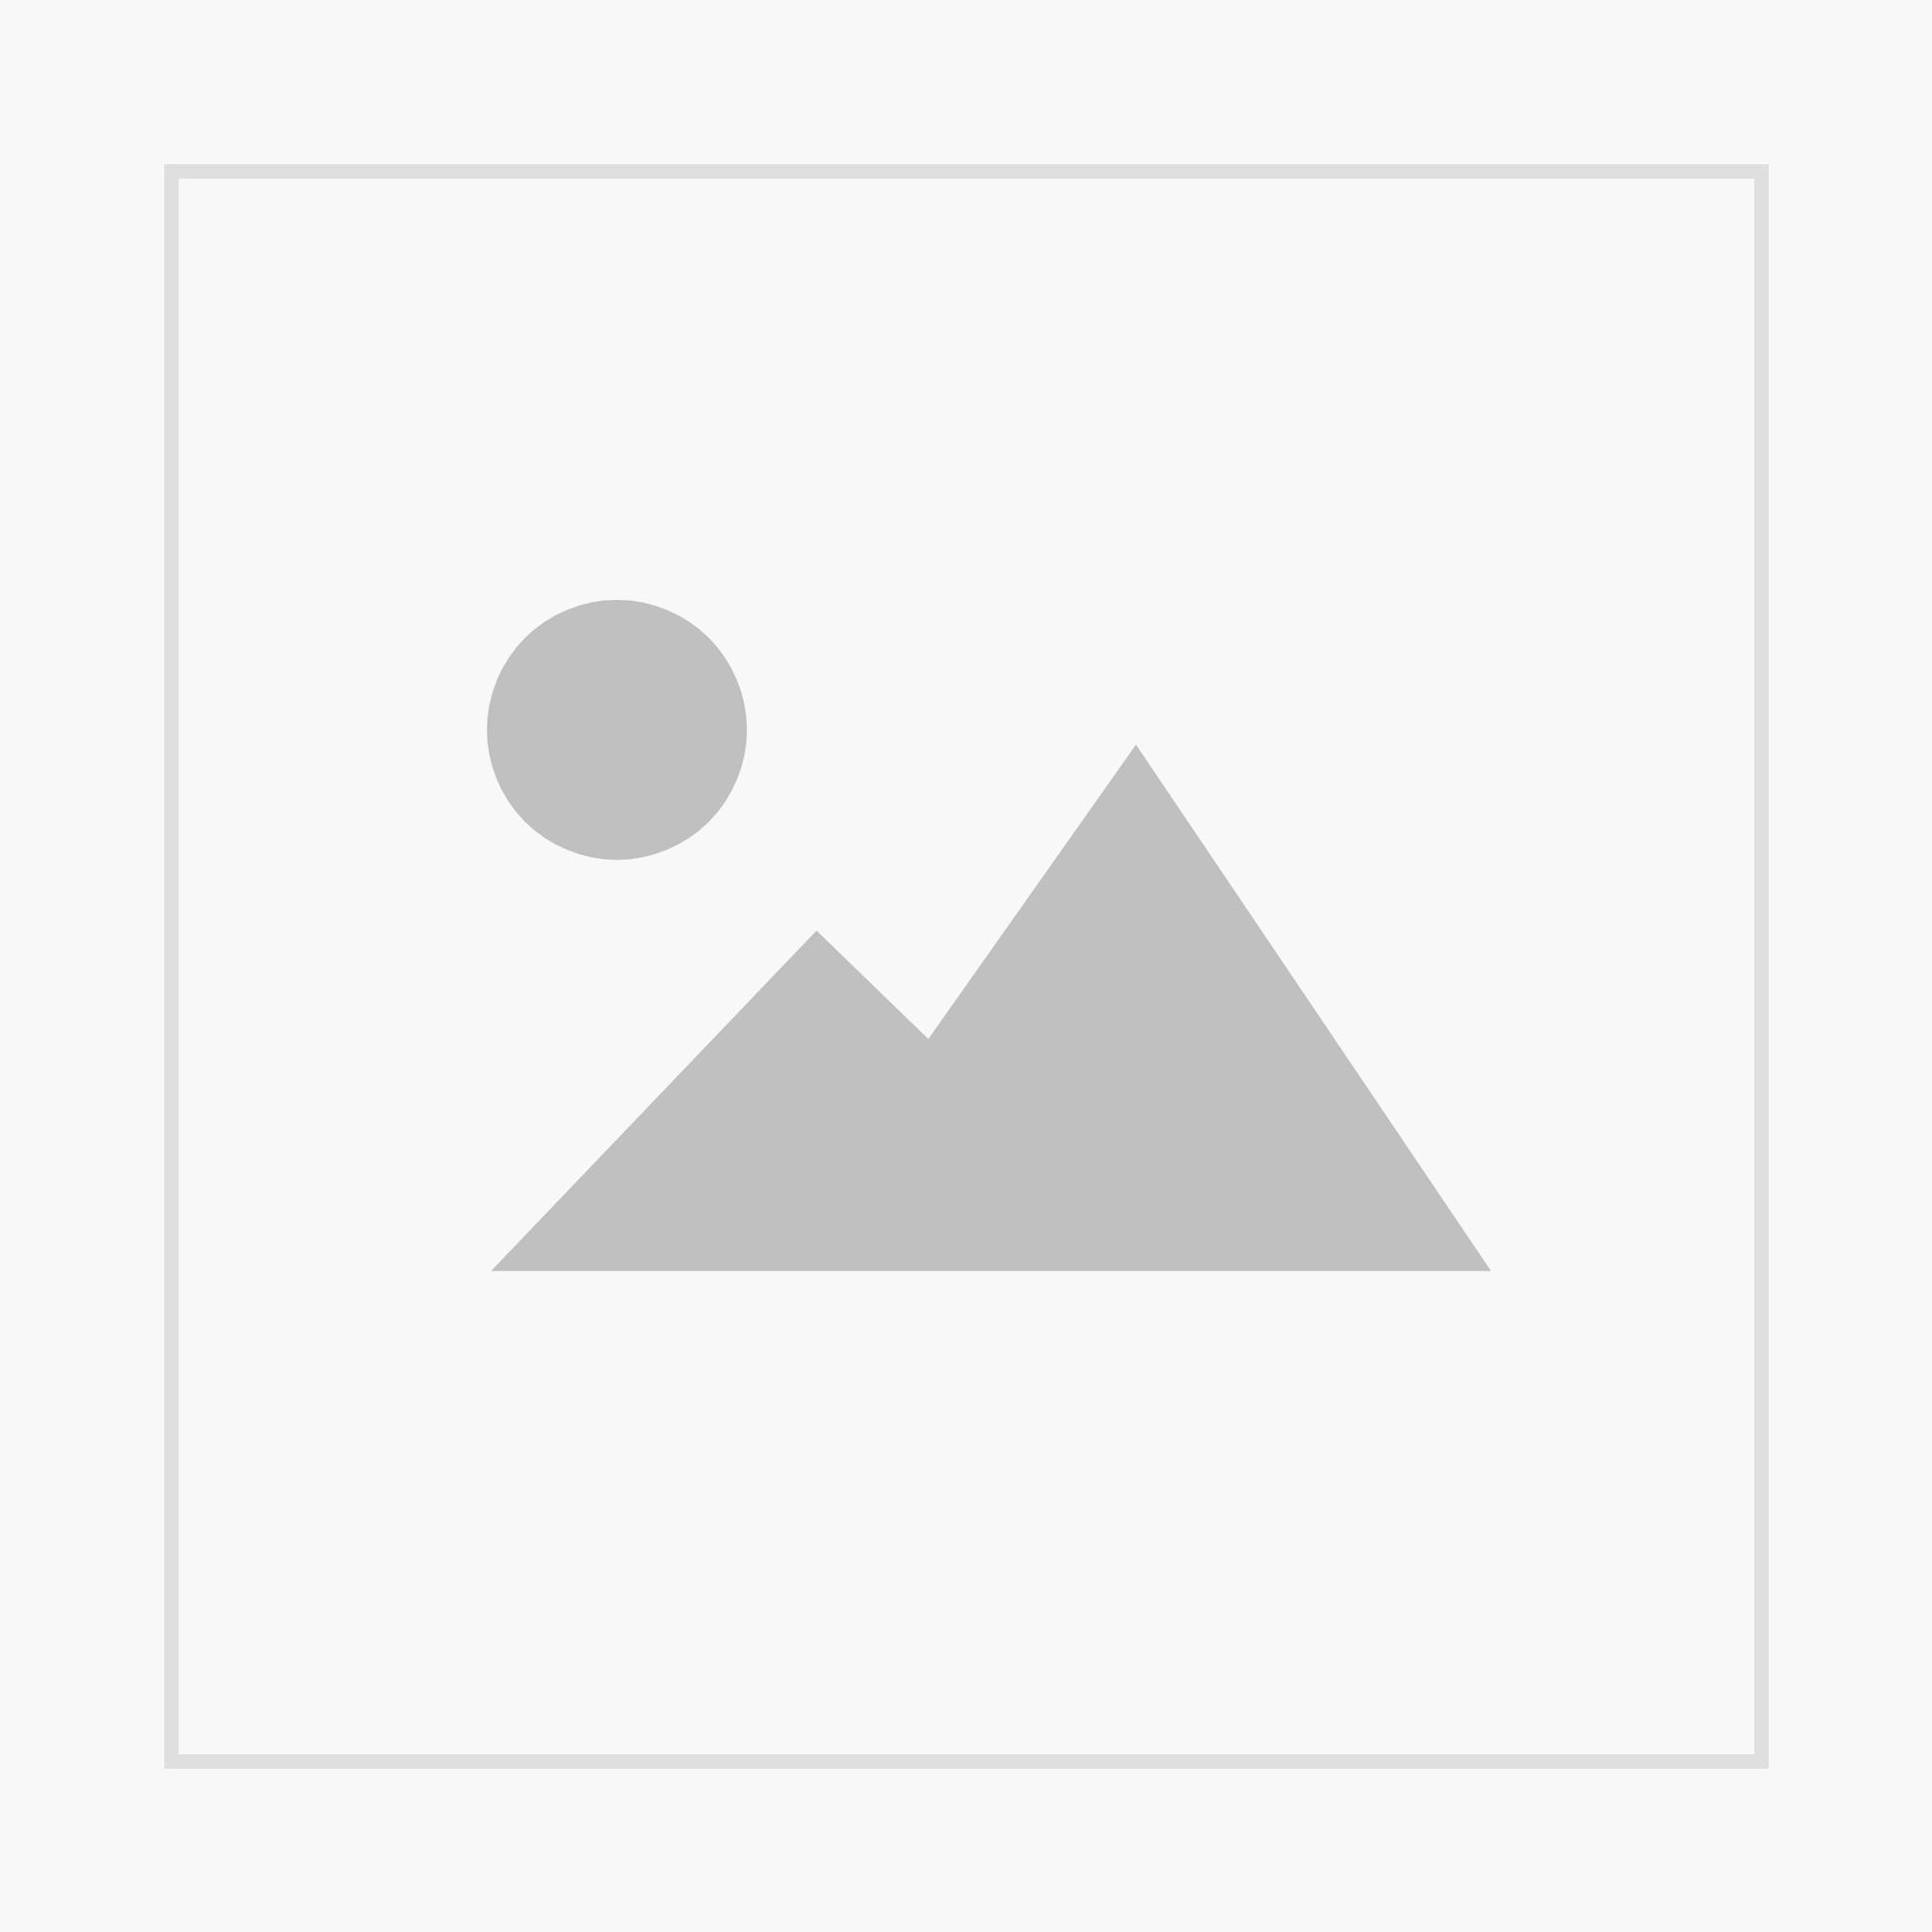 ALÖ Heft 40: Ursachen für die Unterschiede im biologischen Inventar der Agrarlandschaft in Ost- und Westdeutschland als Grundlage für die [...]